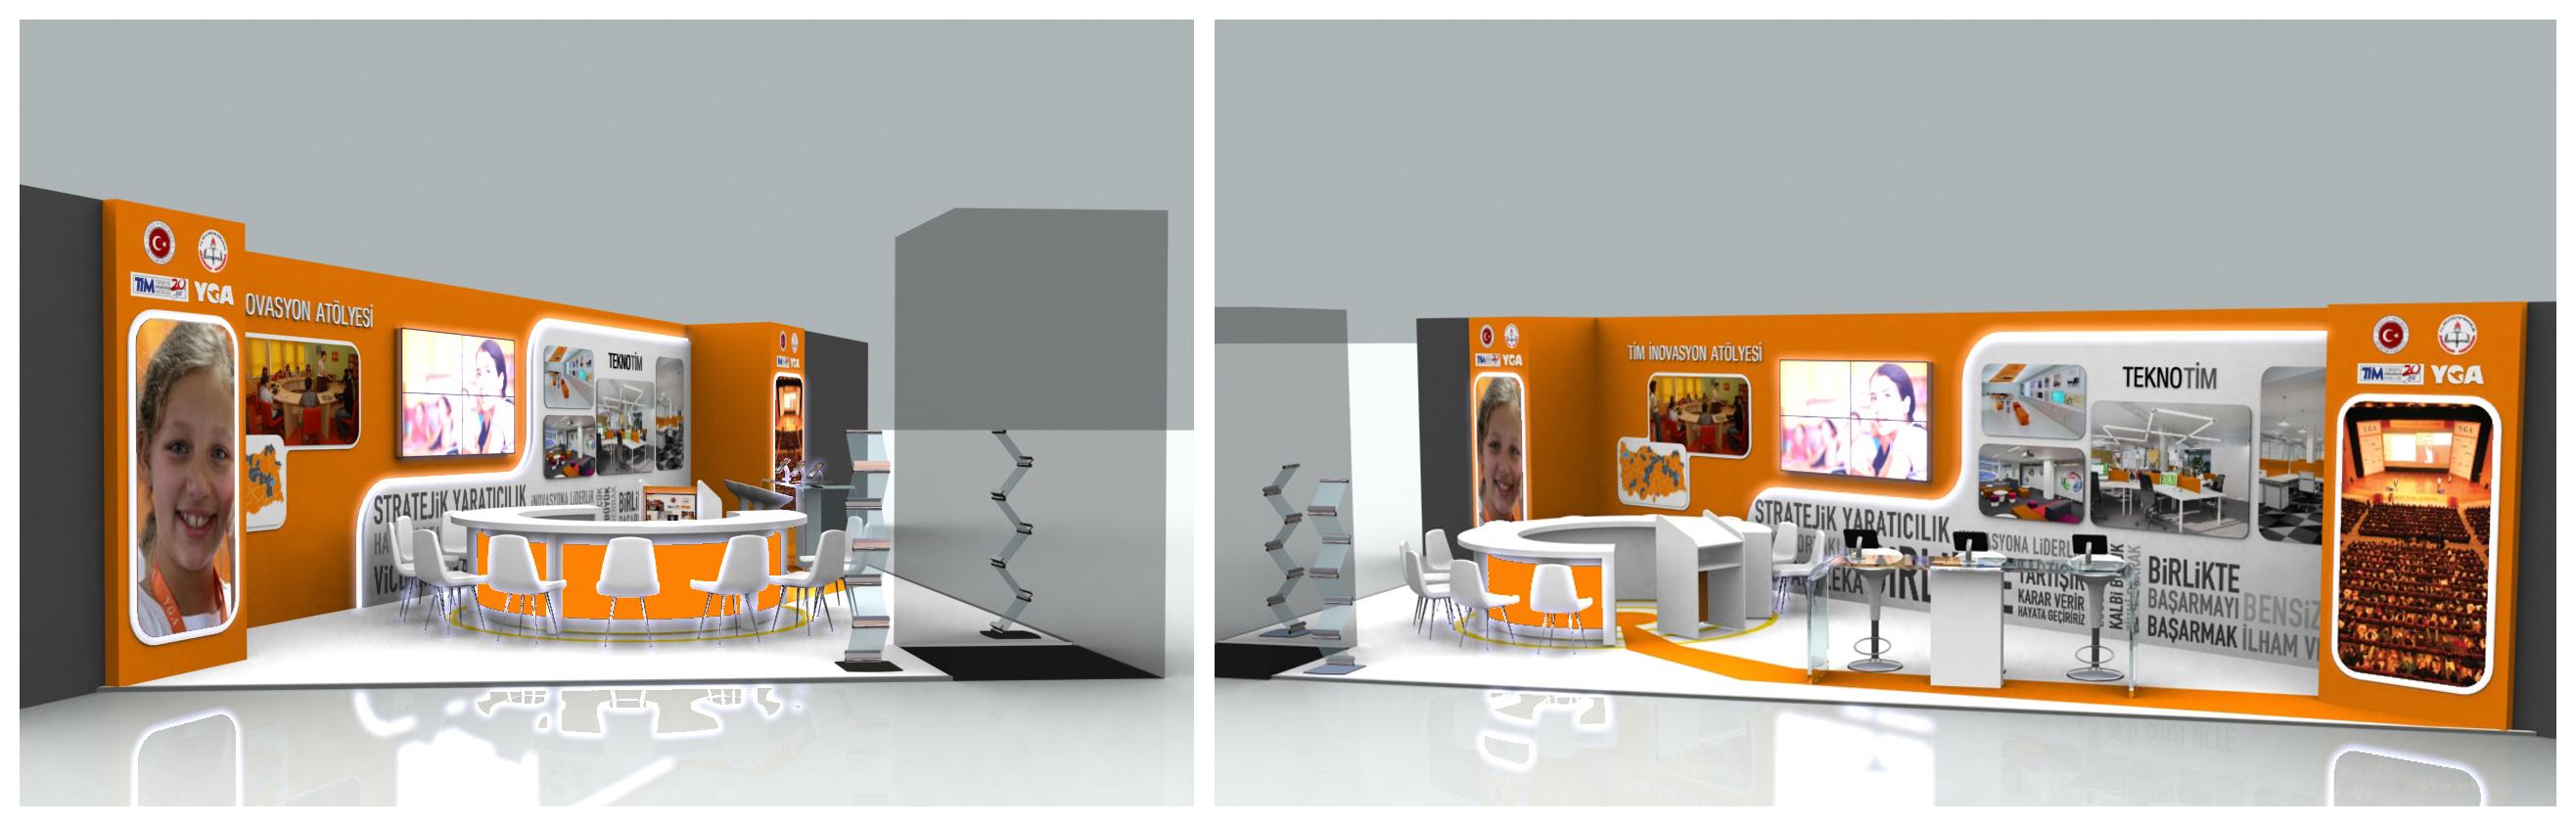 Exhibition Stand Etiquette : Yga exhibition stand d by griofismimarlik on deviantart